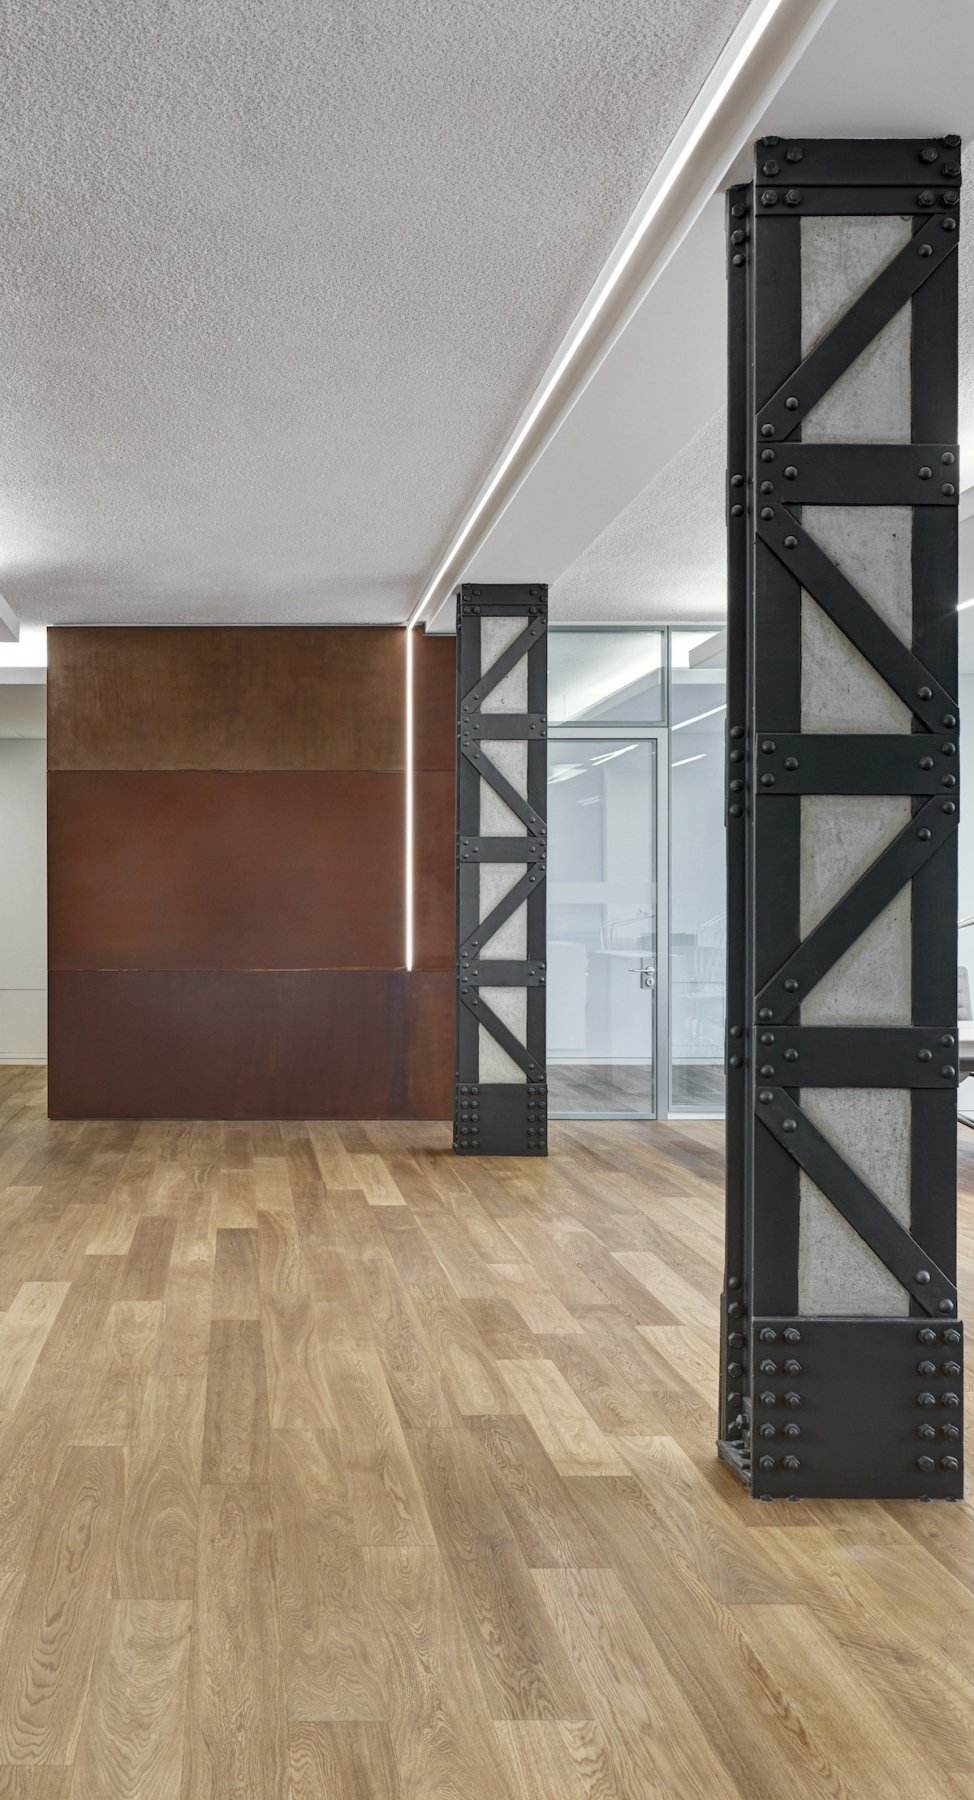 Unternehmensberatung Krausenhöfe | Falkenberg Innenarchitektur